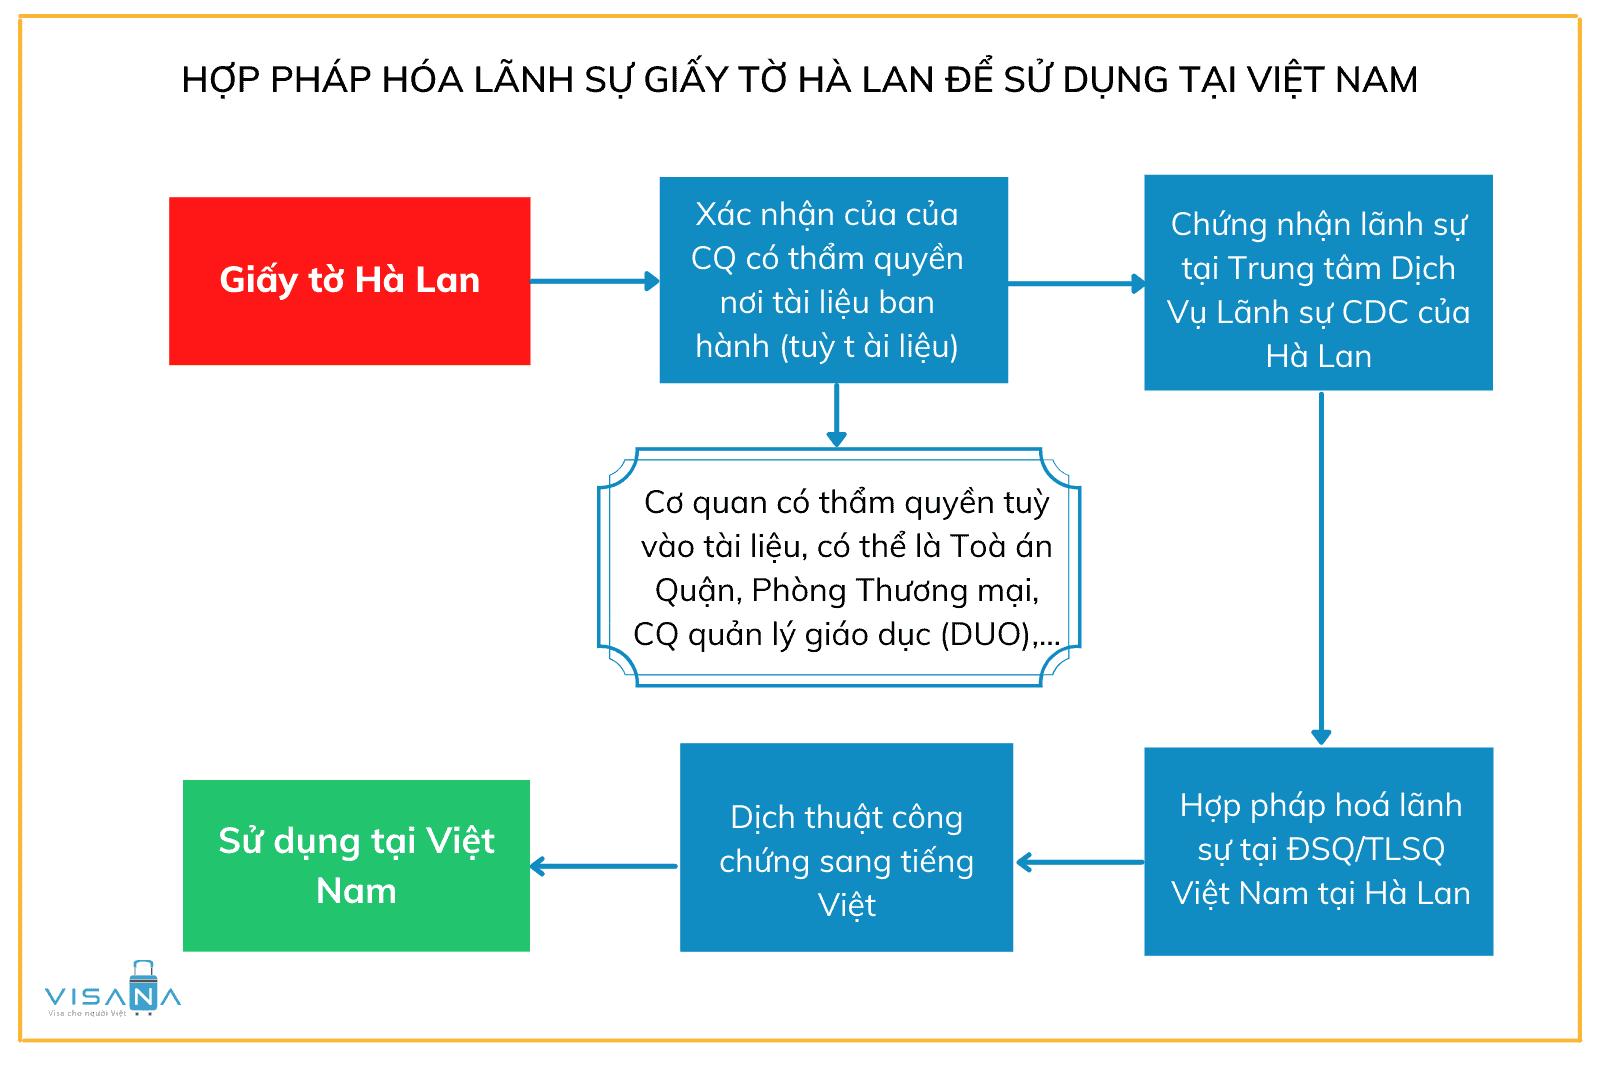 Thủ tục hợp pháp hoá lãnh sự giây tờ Hà Lan sử dụng ở Việt Nam